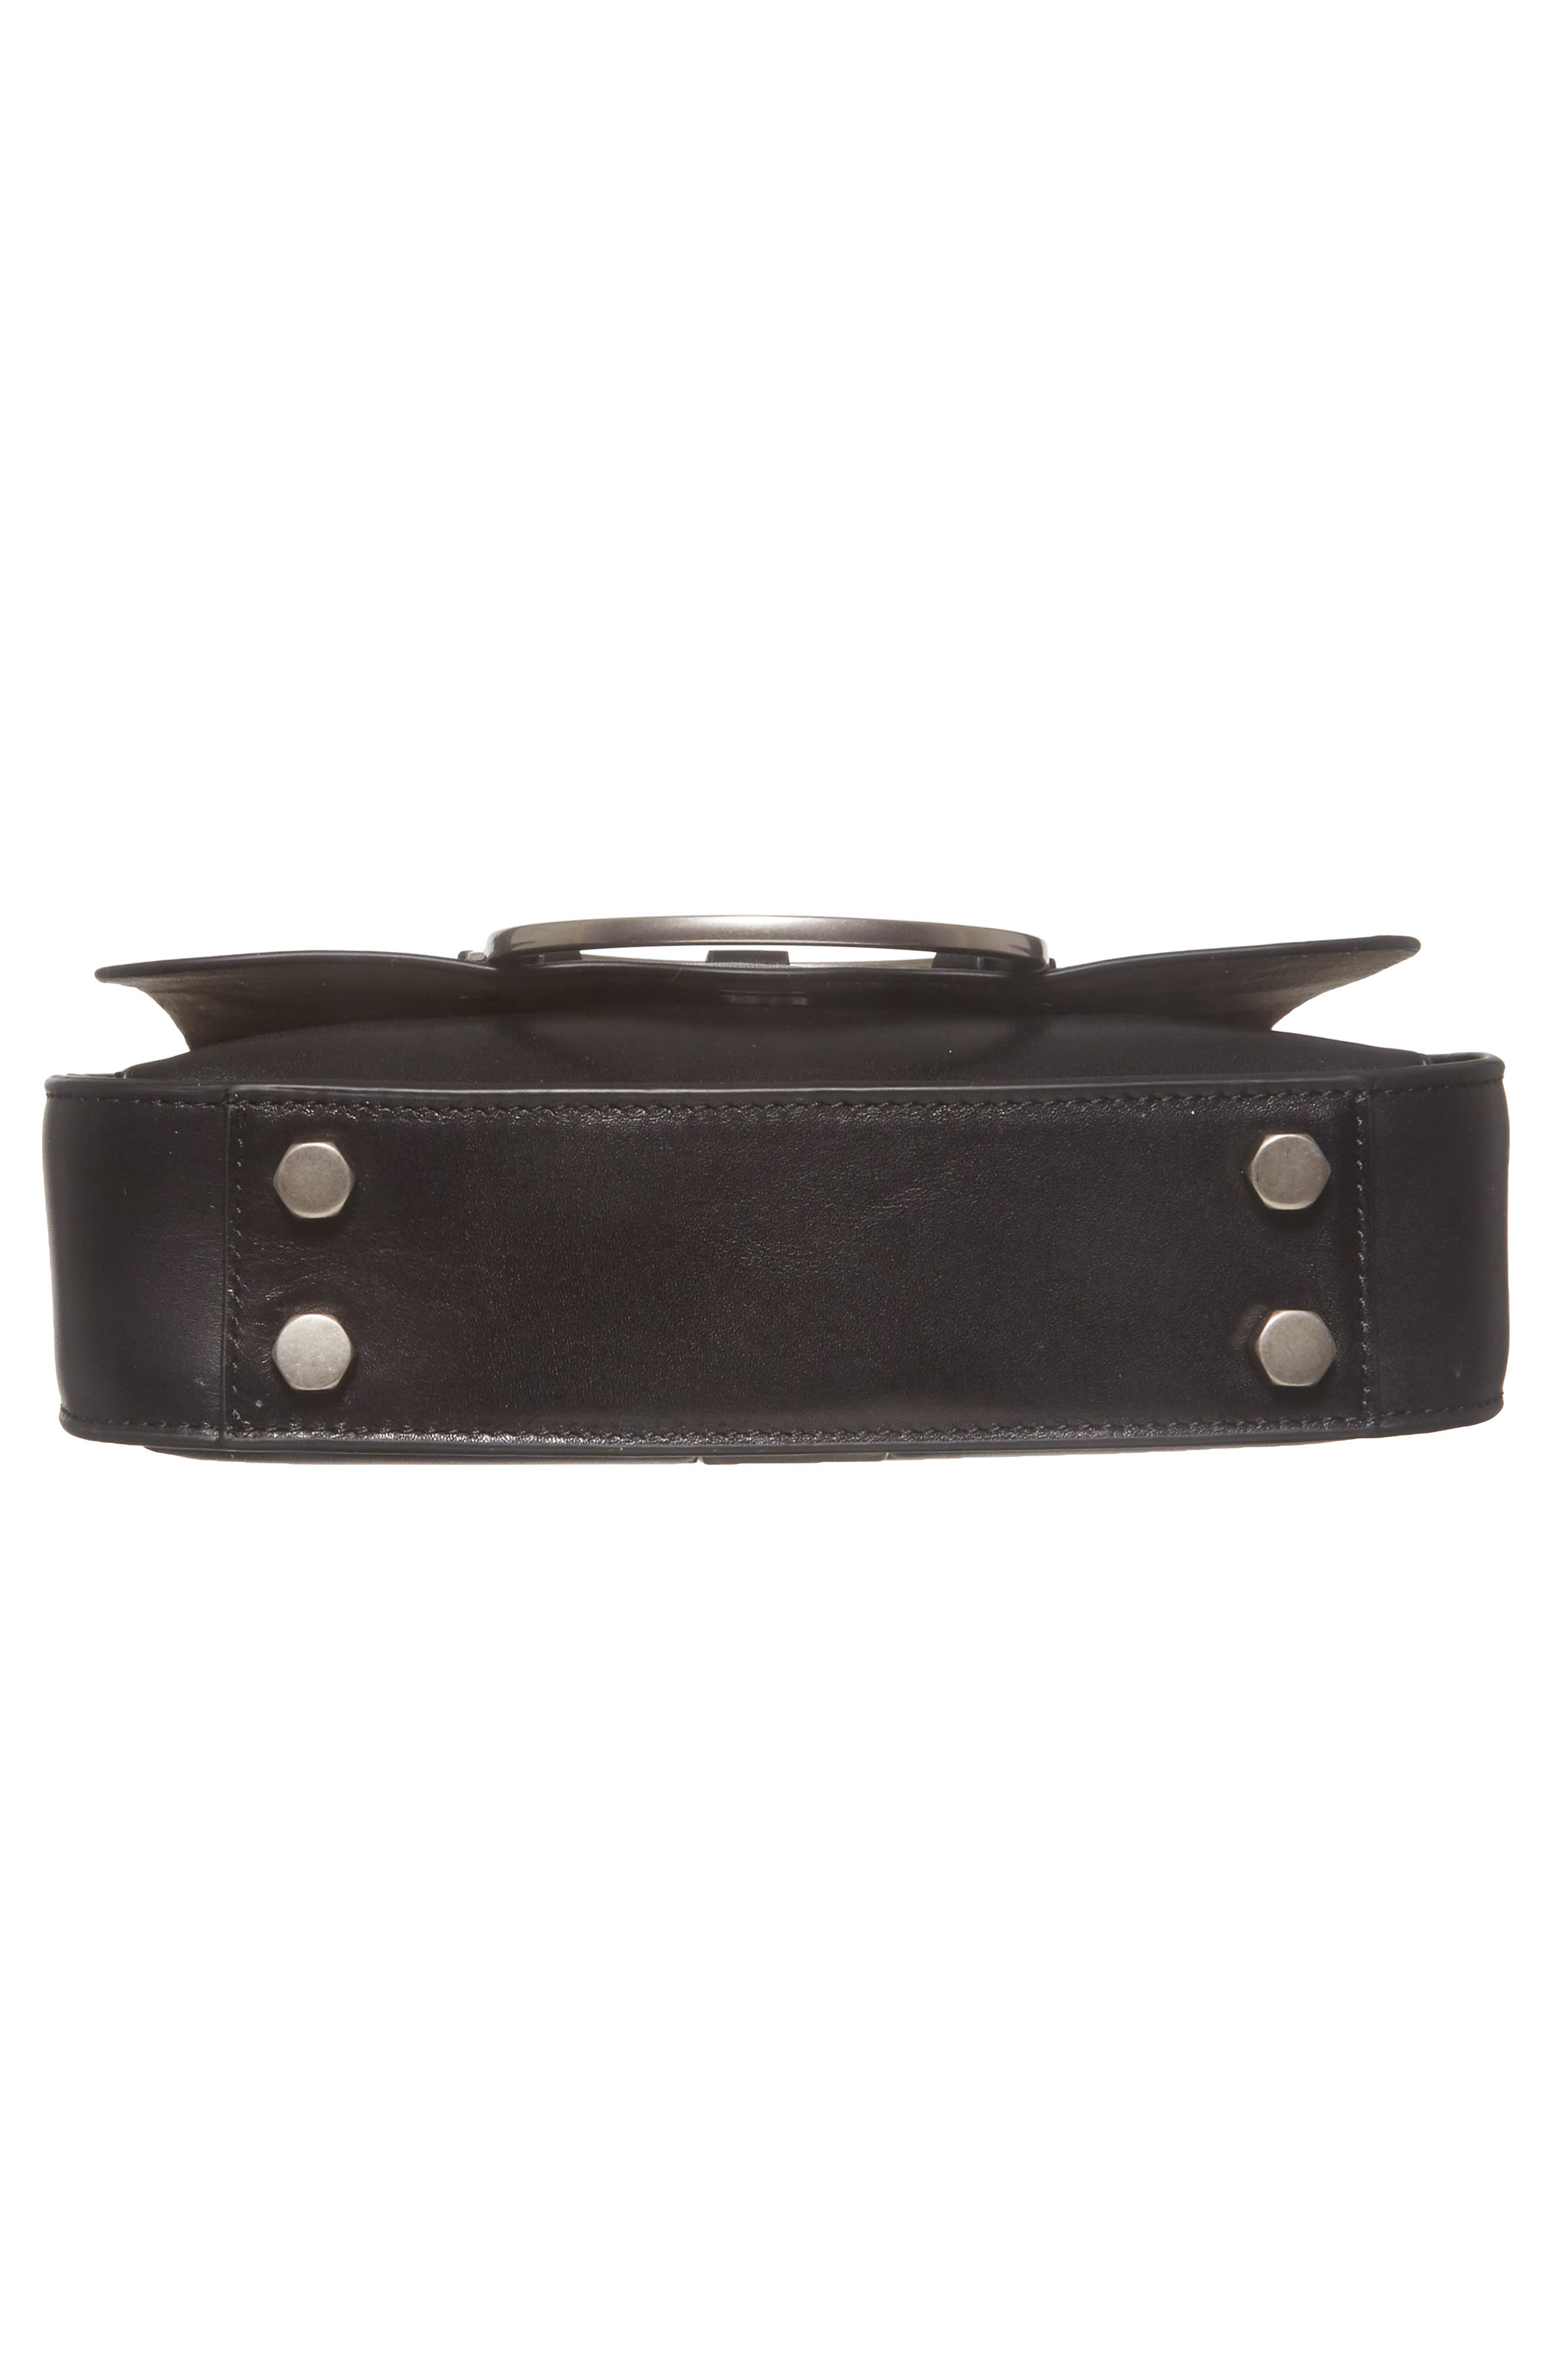 Ring Leather Shoulder Bag,                             Alternate thumbnail 11, color,